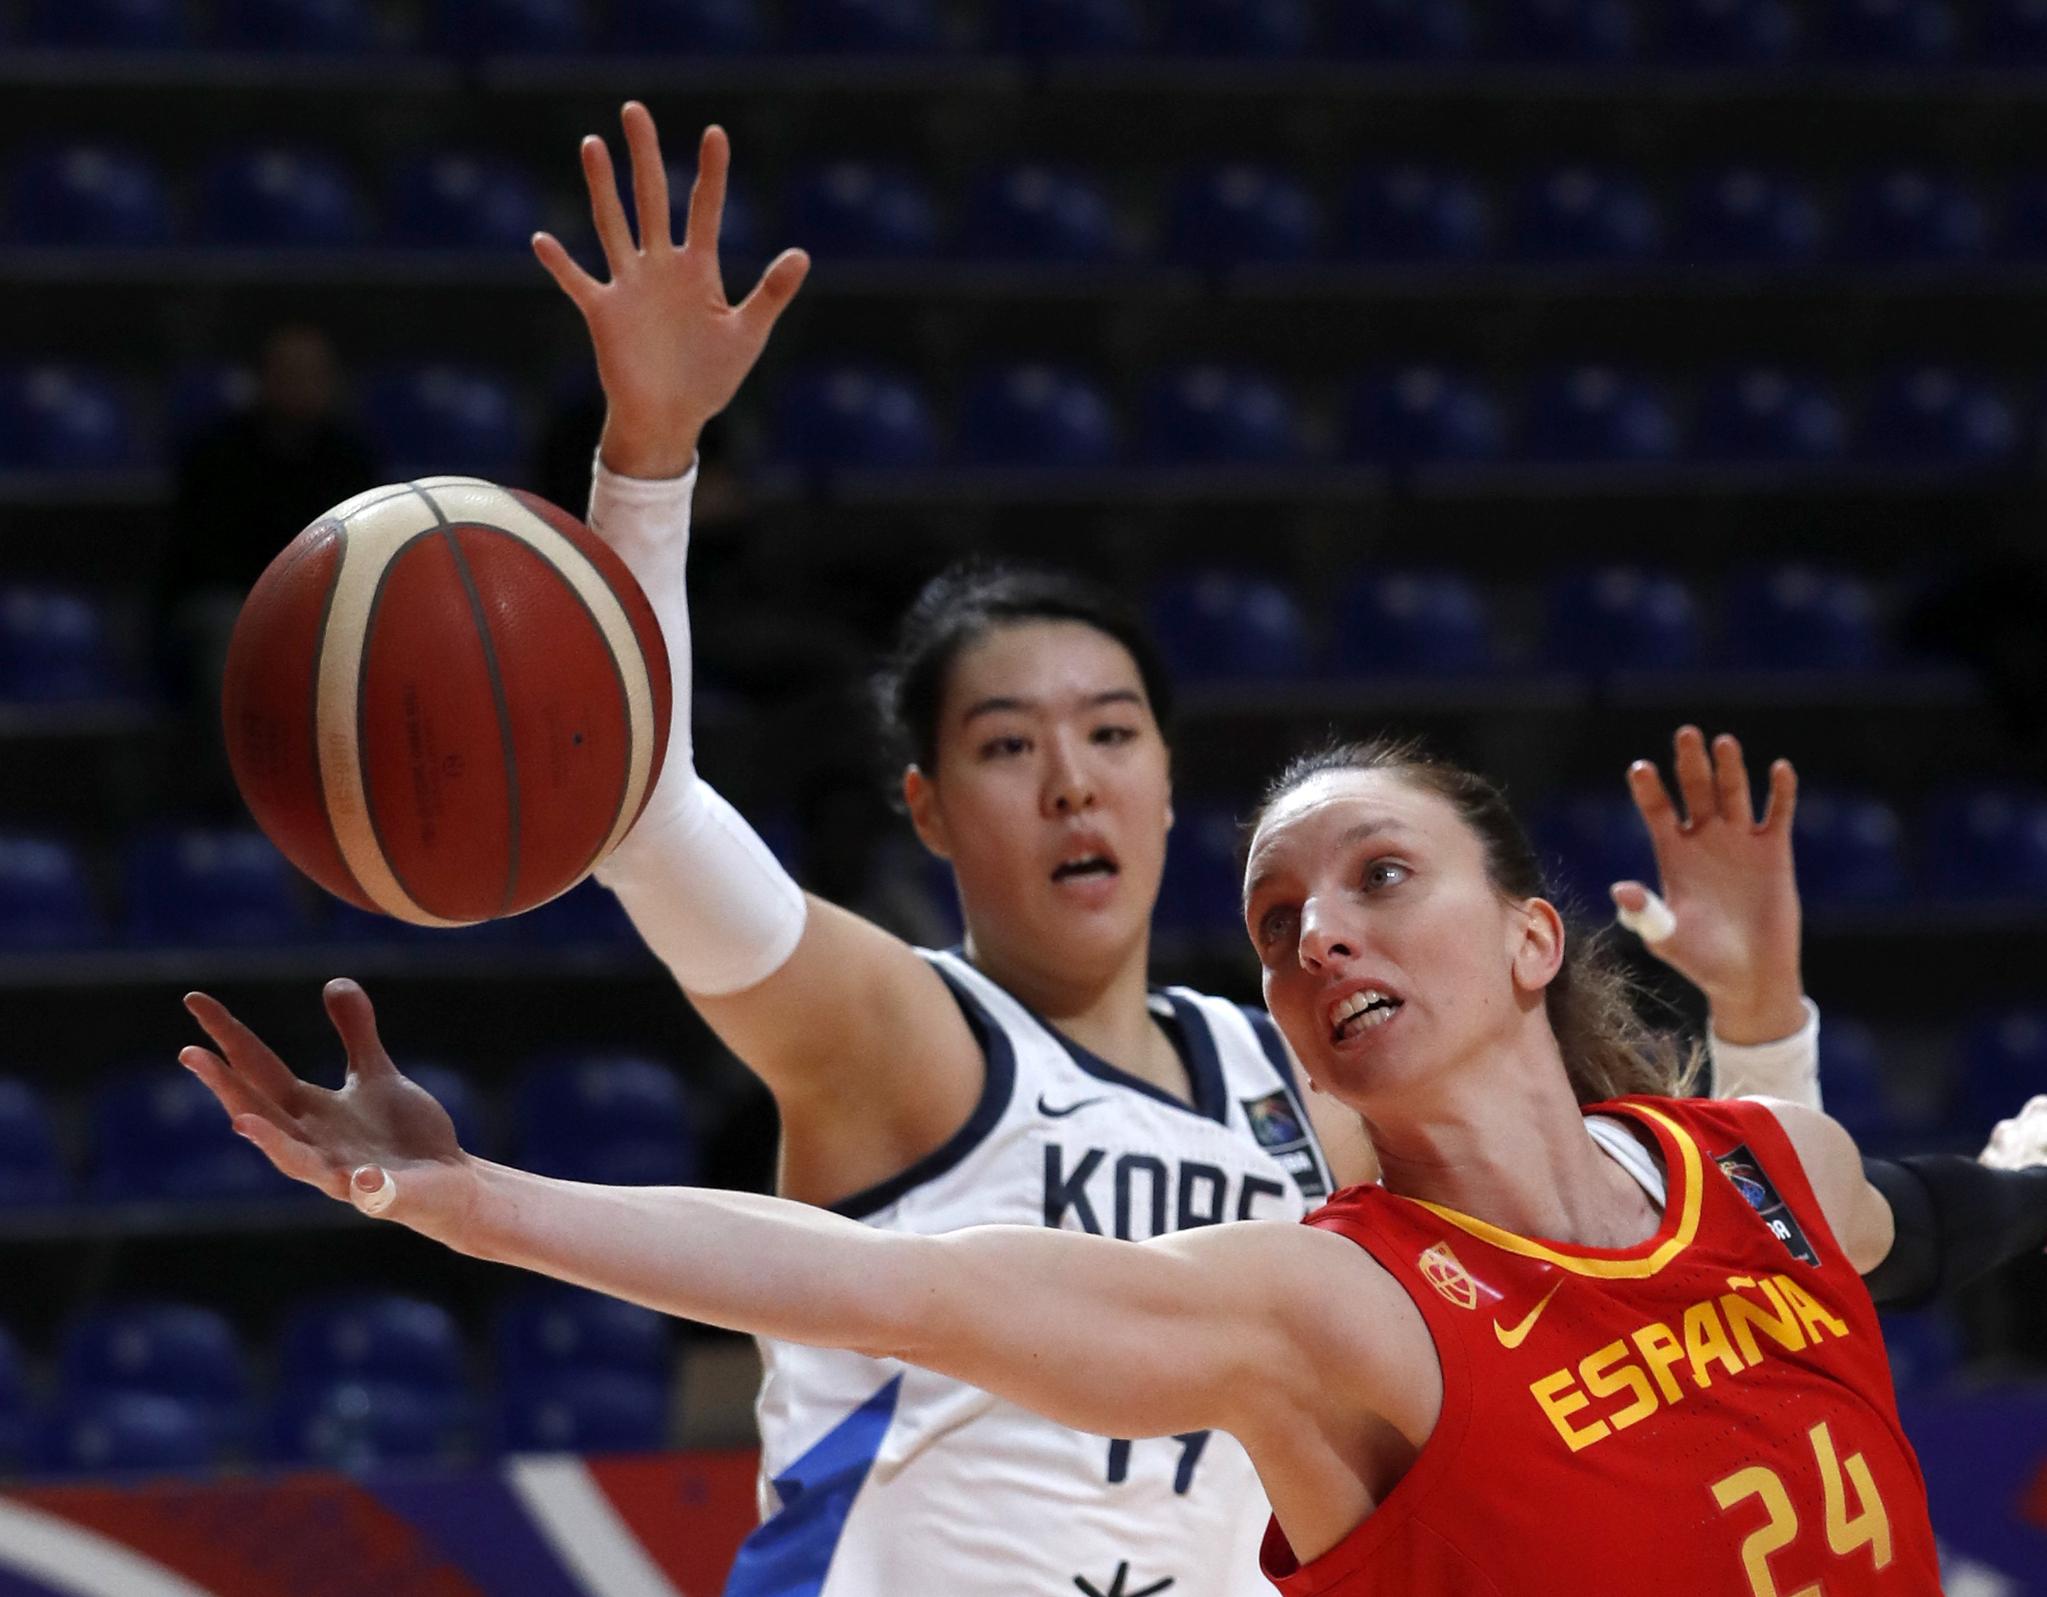 8일 세르비아에서 열린 도쿄올림픽 여자농구 최종예선에서 박지수(왼쪽)가 스페인 선수 공격을 막고 있다. [AP=연합뉴스]